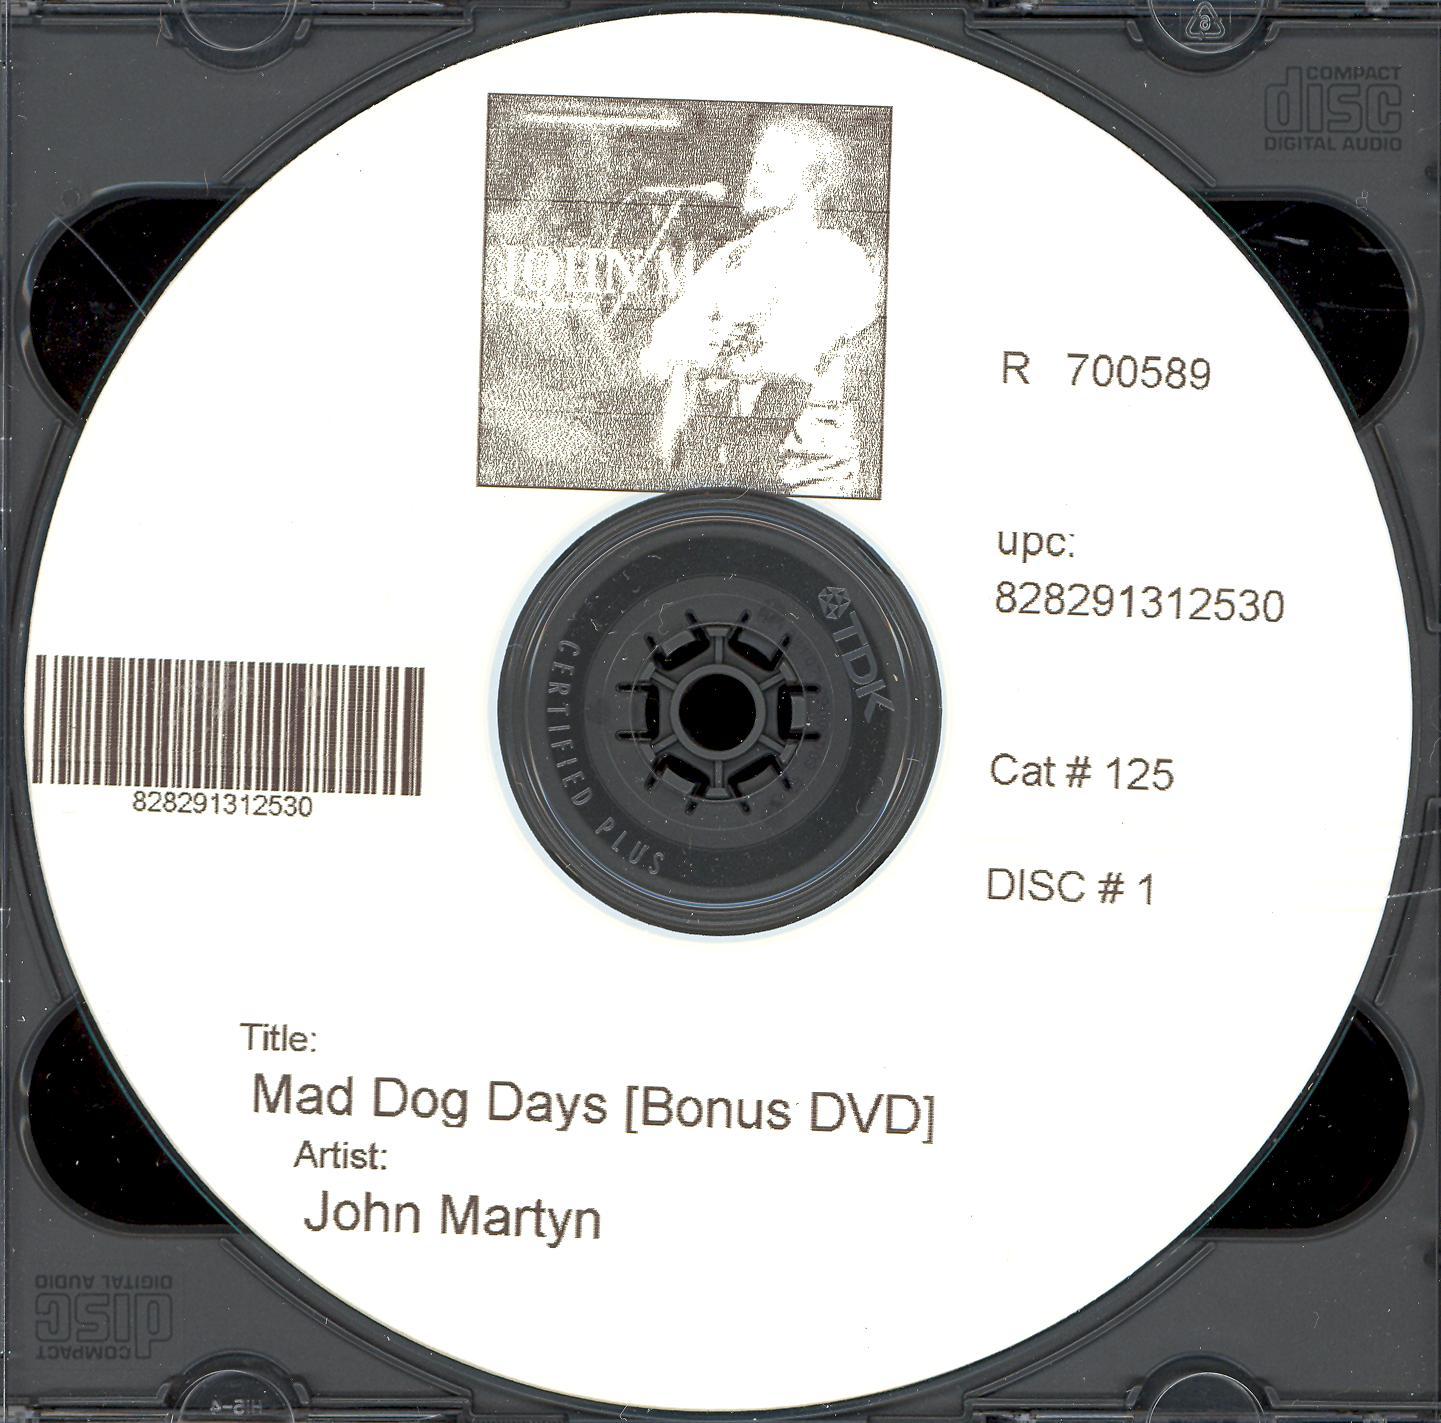 John Martyn: Mad Dog Days